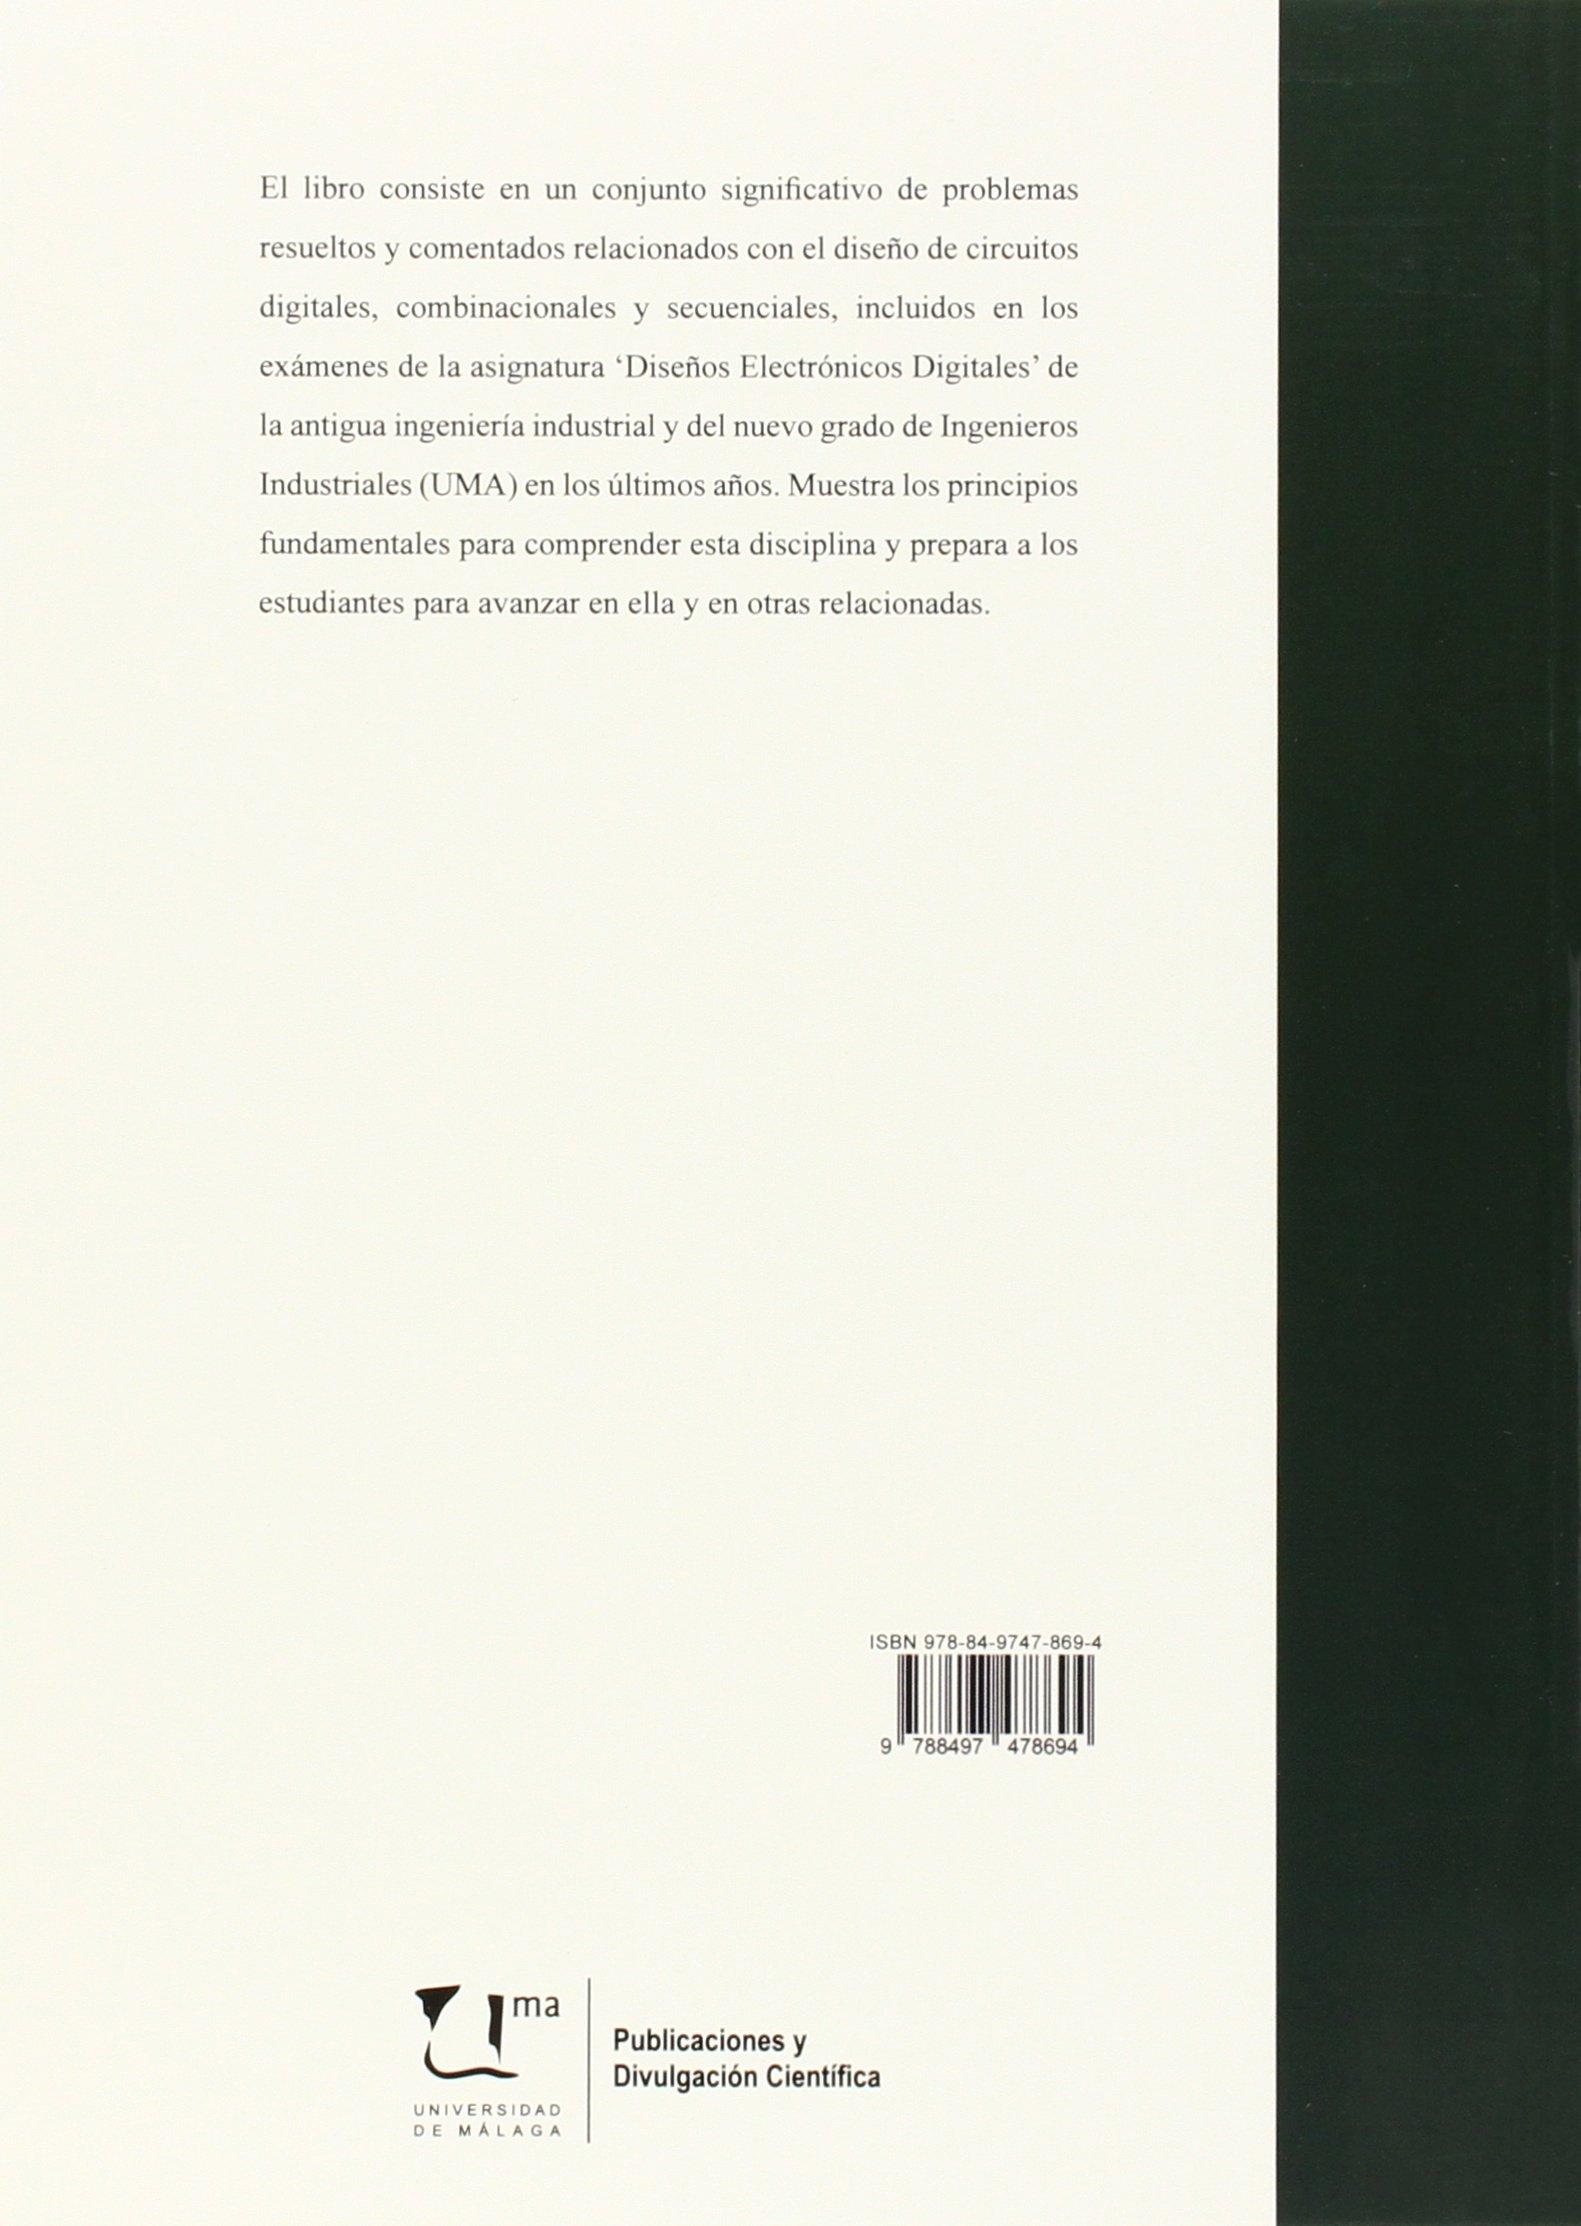 Electrónica digital: Problemas resueltos (Manuales): Amazon.es: Alfonso  Gago Calderón, José Luis González Retamero: Libros